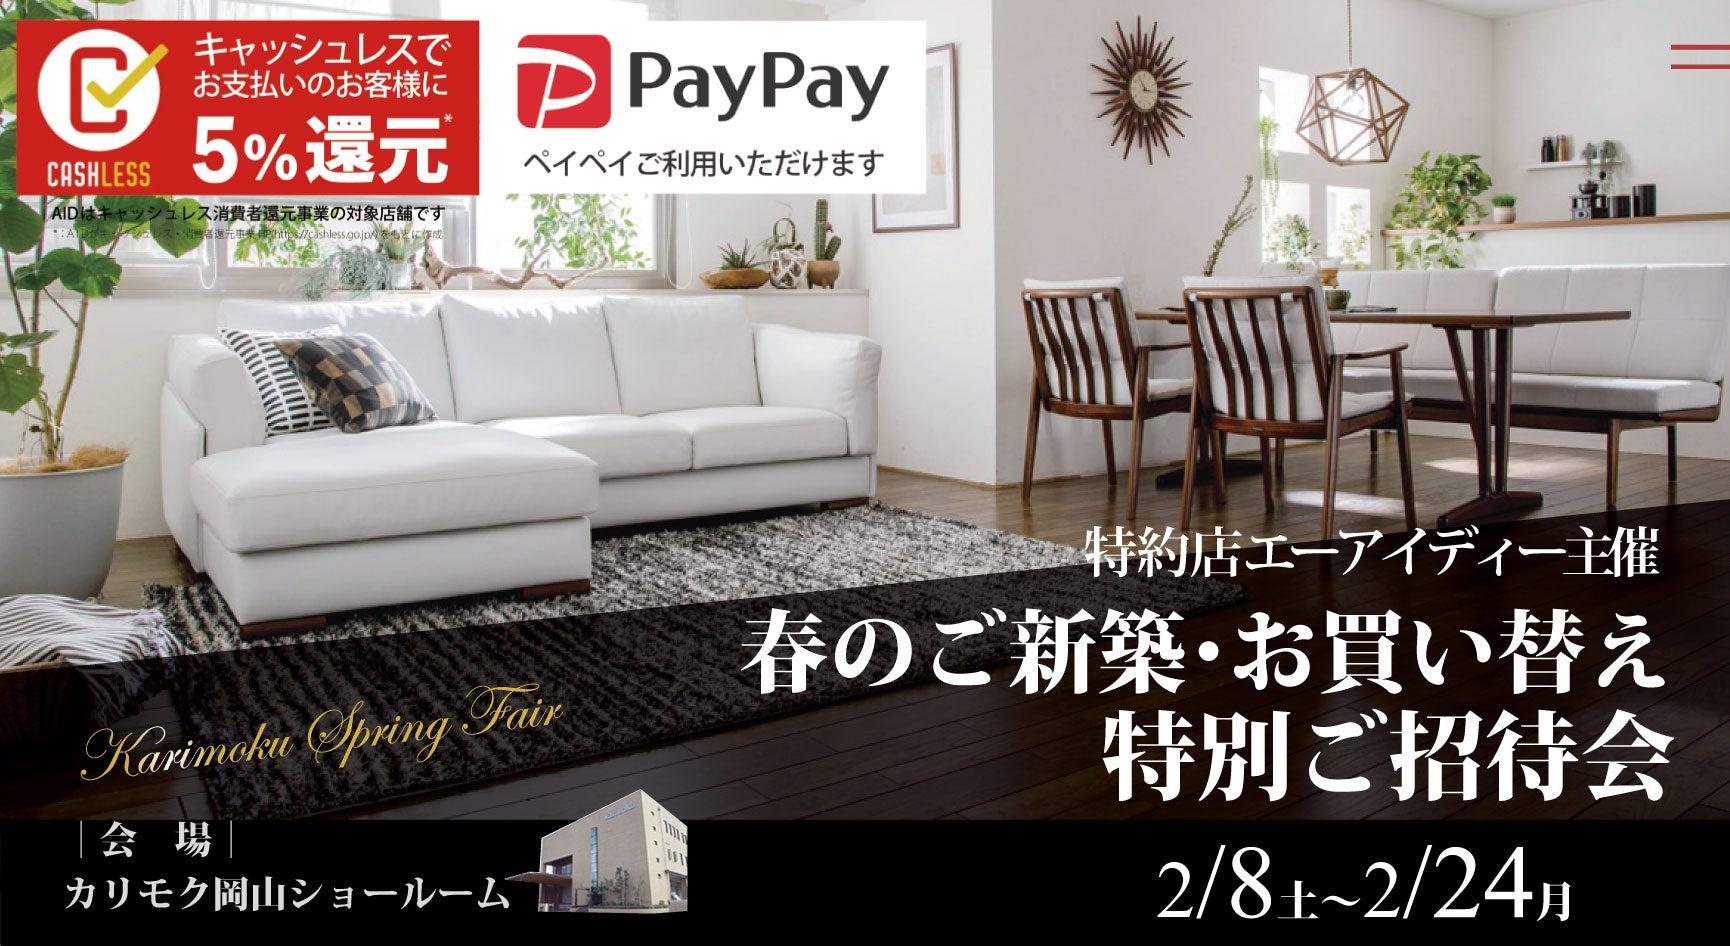 カリモク家具岡山ショールーム 春の新築・お買い替え特別ご招待会